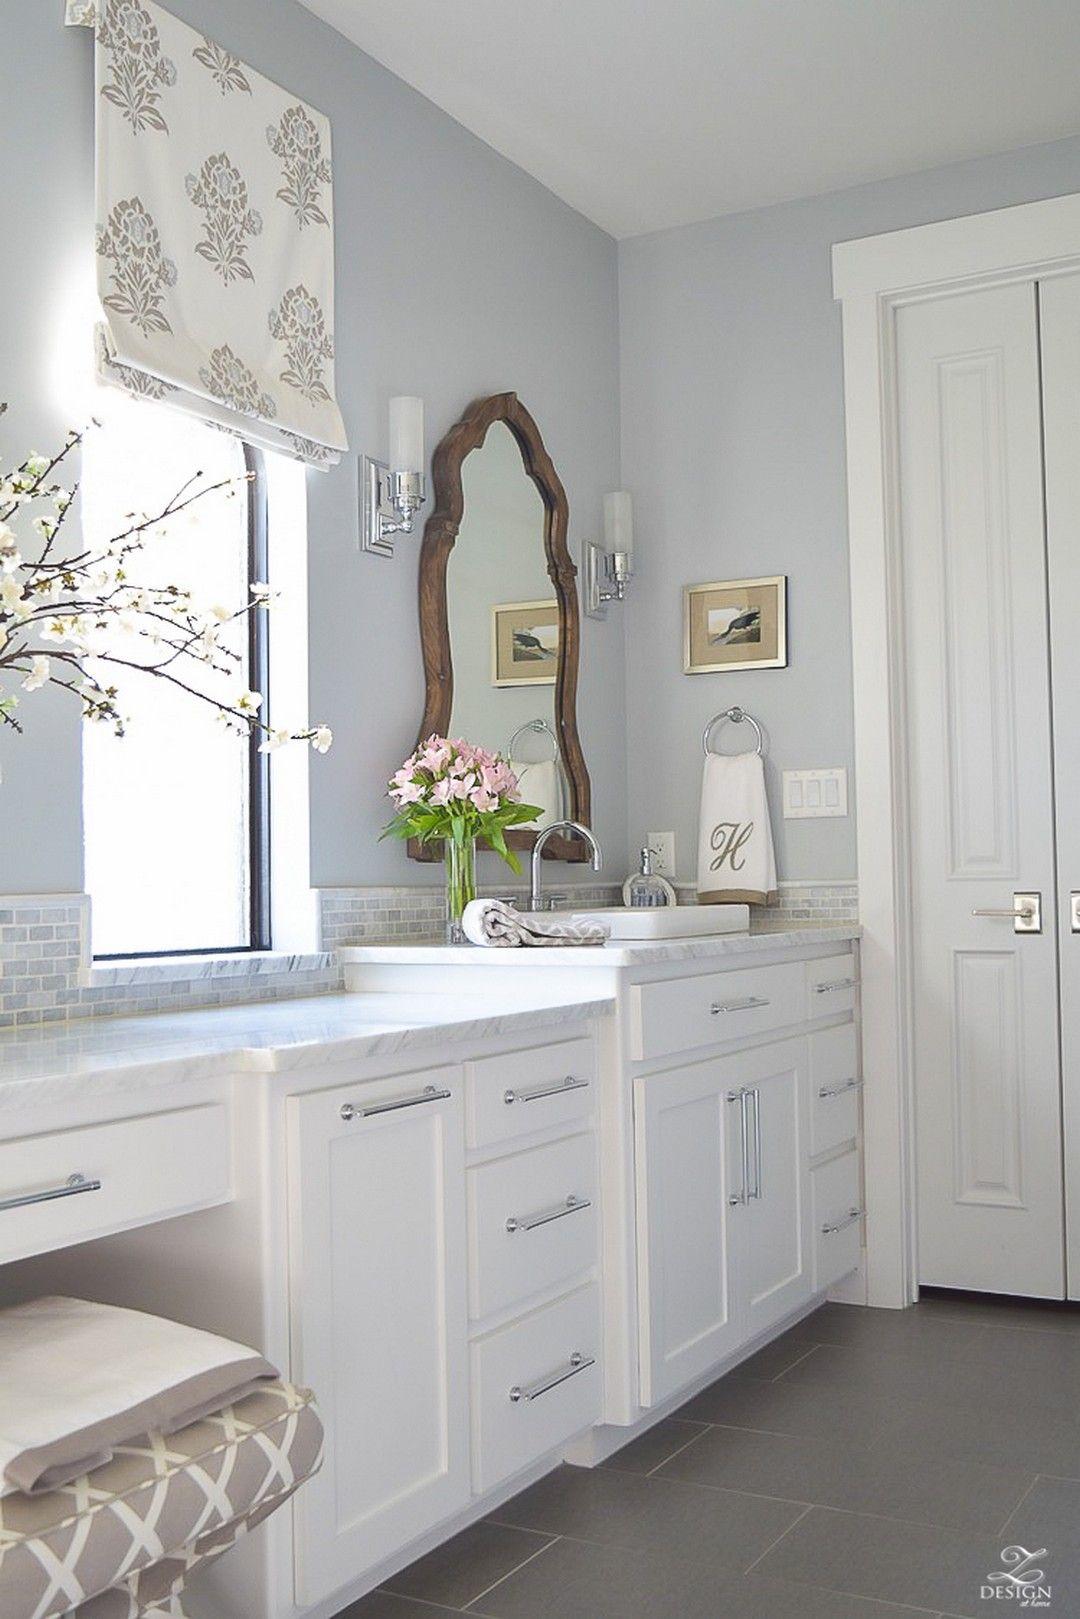 awesome 99 modern rustic master bathroom design ideas http://www